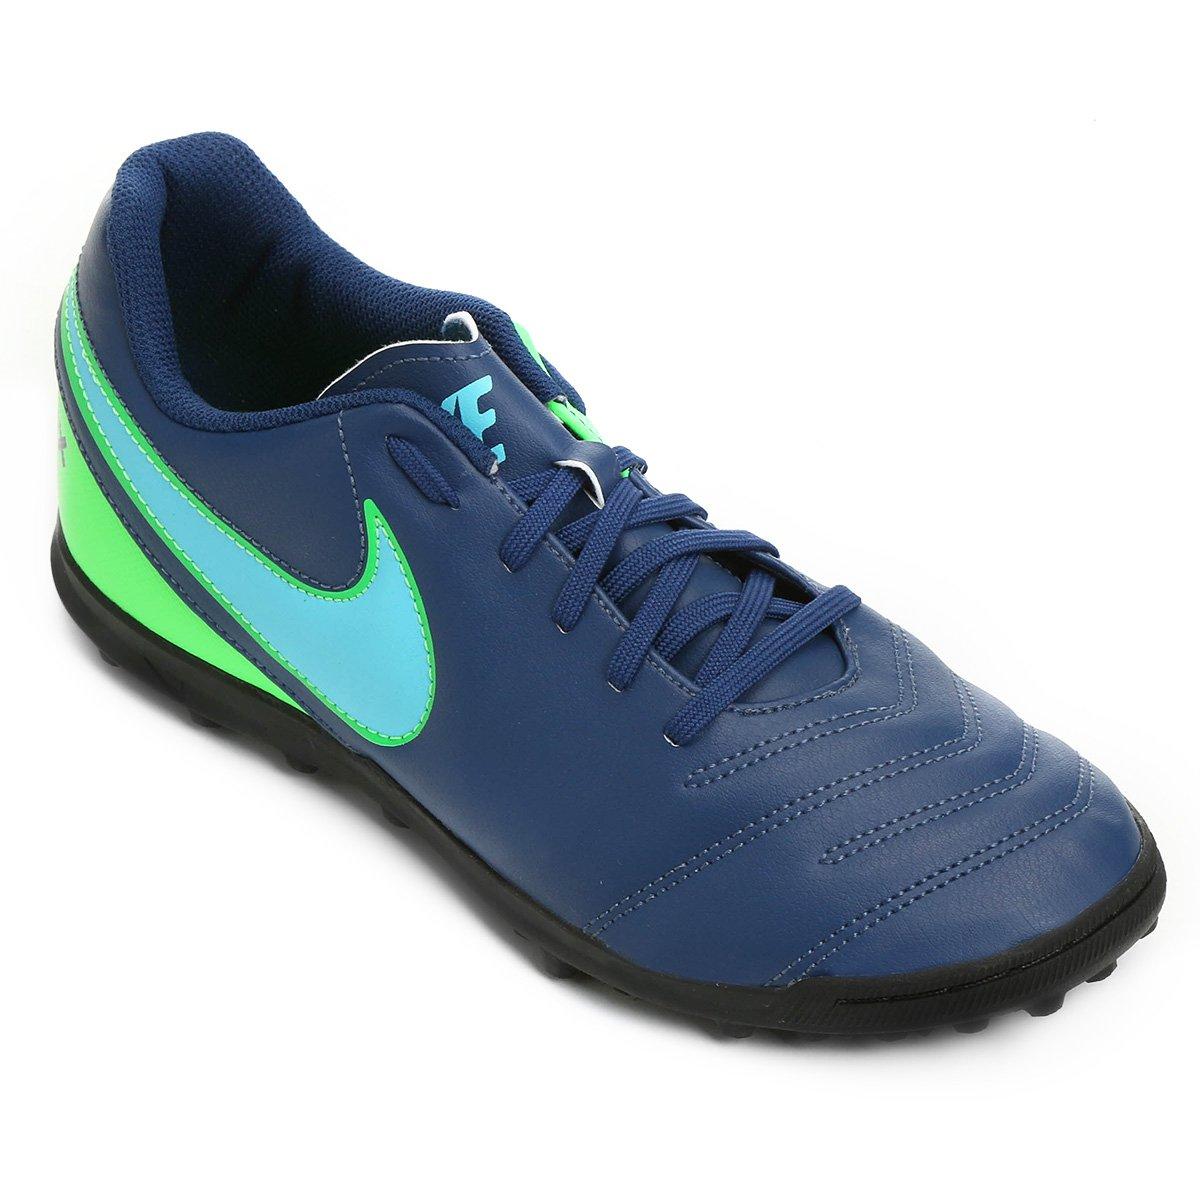 Chuteira Society Nike Tiempo Rio 3 TF - Compre Agora  aefc69e518d12